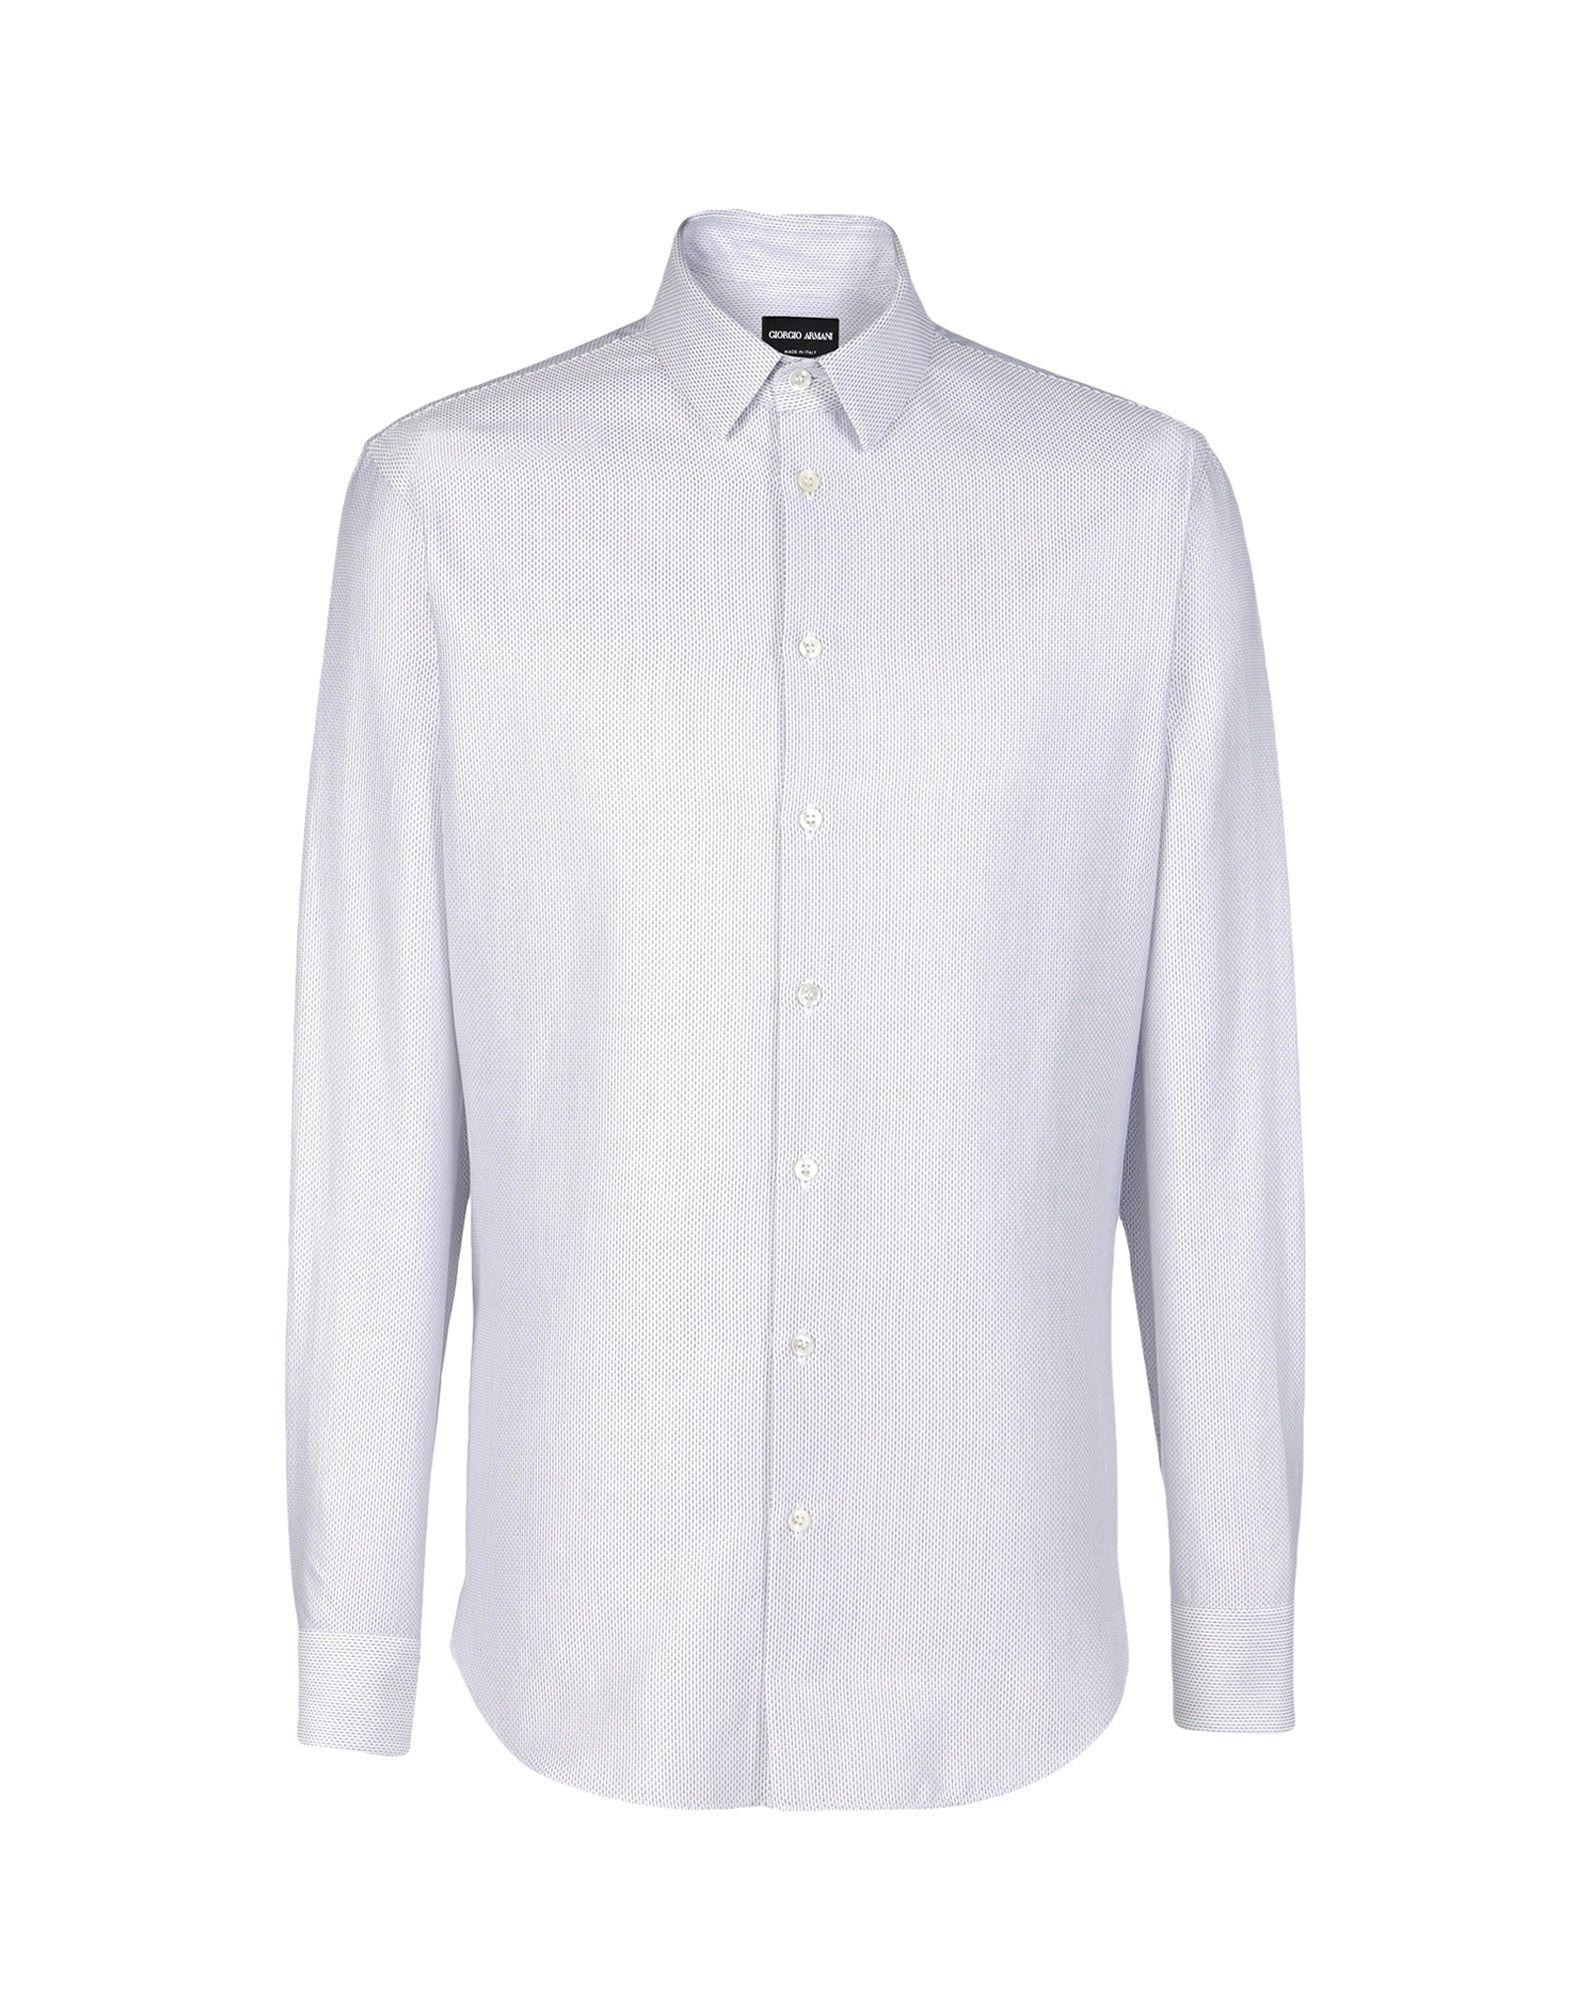 Camicia Giorgio online Armani su Uomo Fantasia Acquista prwR5qpxB